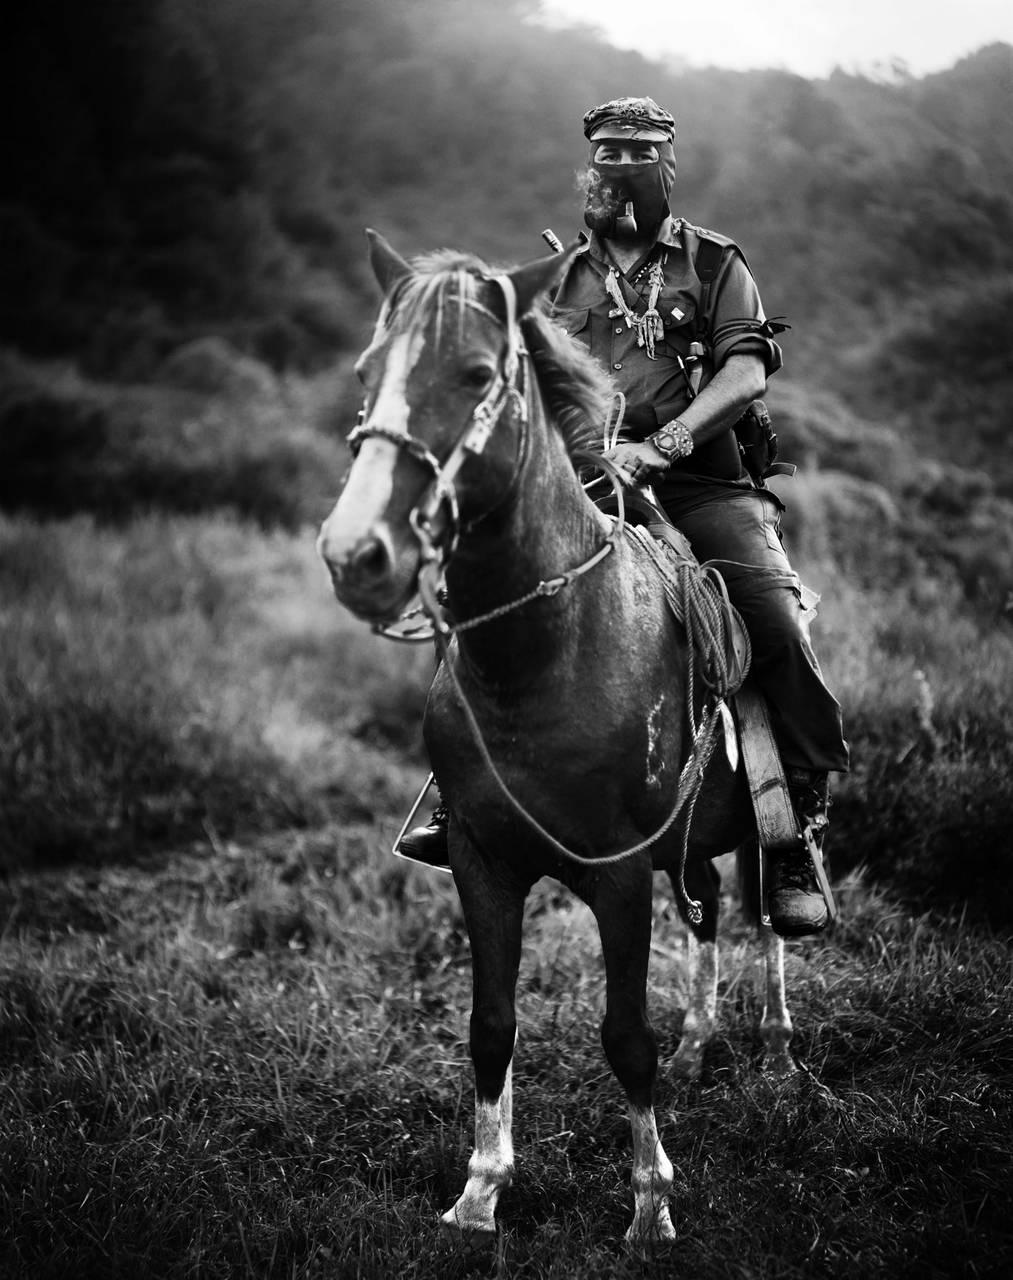 Eine Fotografie des Subcomandante Marcos in dem Beitrag über B.Traven - Die Rebellion der Gehenkten